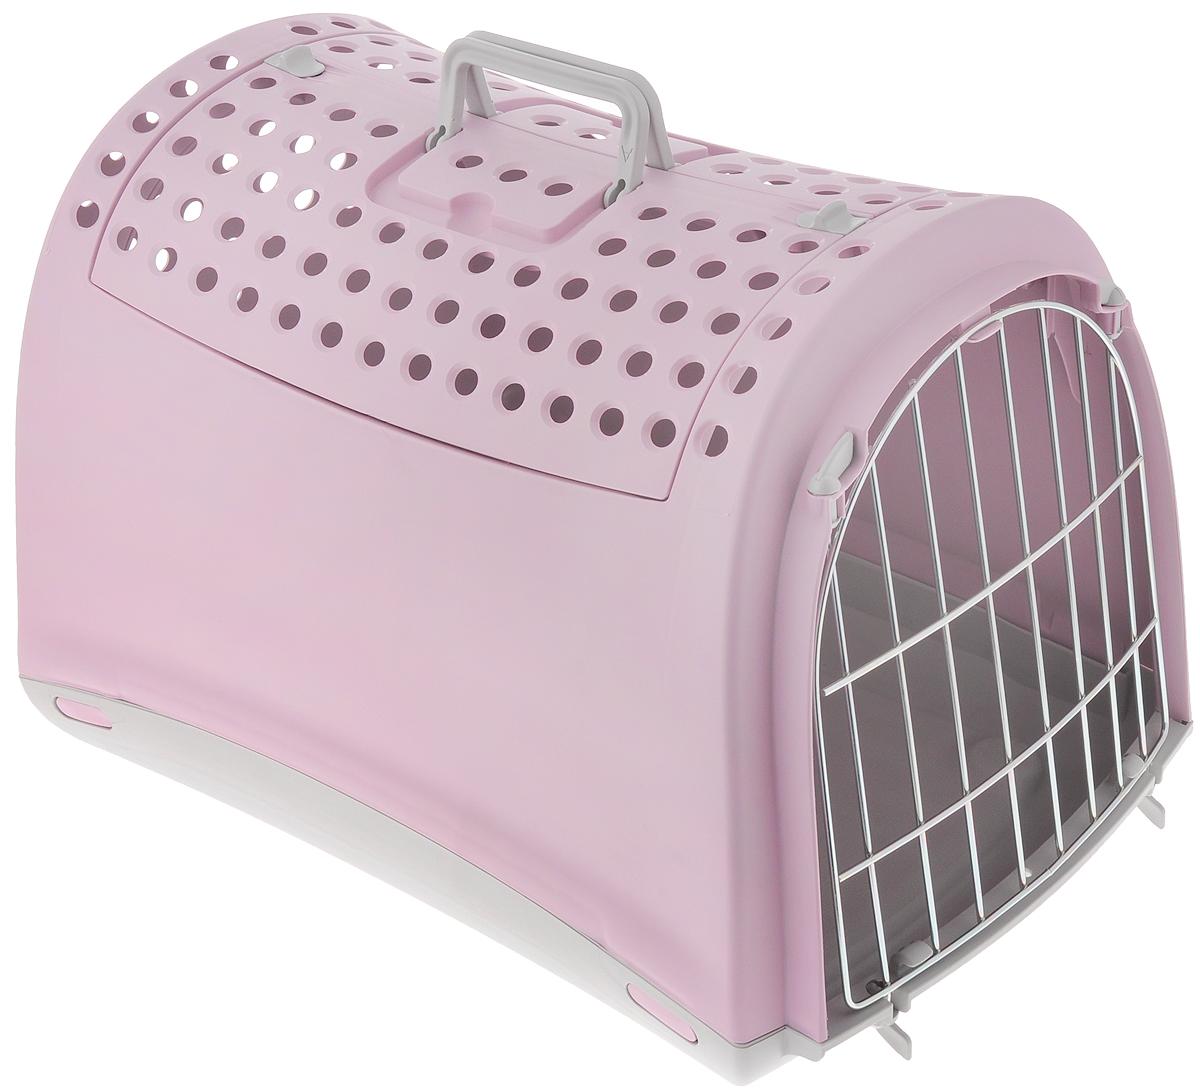 Переноска для животных IMAC Linus Cabrio, цвет: розовый, серый, 50 х 32 х 34,5 см0120710Переноска для животных IMAC Linus Cabrio изготовлена из прочного пластика и предназначена для собак мелких пород и кошек, также подойдет для грызунов, например, кроликов. Уникальная особенность этой переноски - открывающаяся крыша в виде распахивающихся дверей с замками. Это делает переноску просто незаменимой для животных, которых порой очень сложно заставить залезть внутрь через обычную боковую дверцу. Чтобы питомец чувствовал себя спокойно и защищенно, боковые стенки не имеют отверстий, а на крыше есть перфорация. Сбоку имеется металлическая решетка, которую при необходимости можно снять. Прочные ручки обеспечивают удобную переноску. Рекомендуется для животных весом до 6 кг (гарантия производителя - 5 кг).